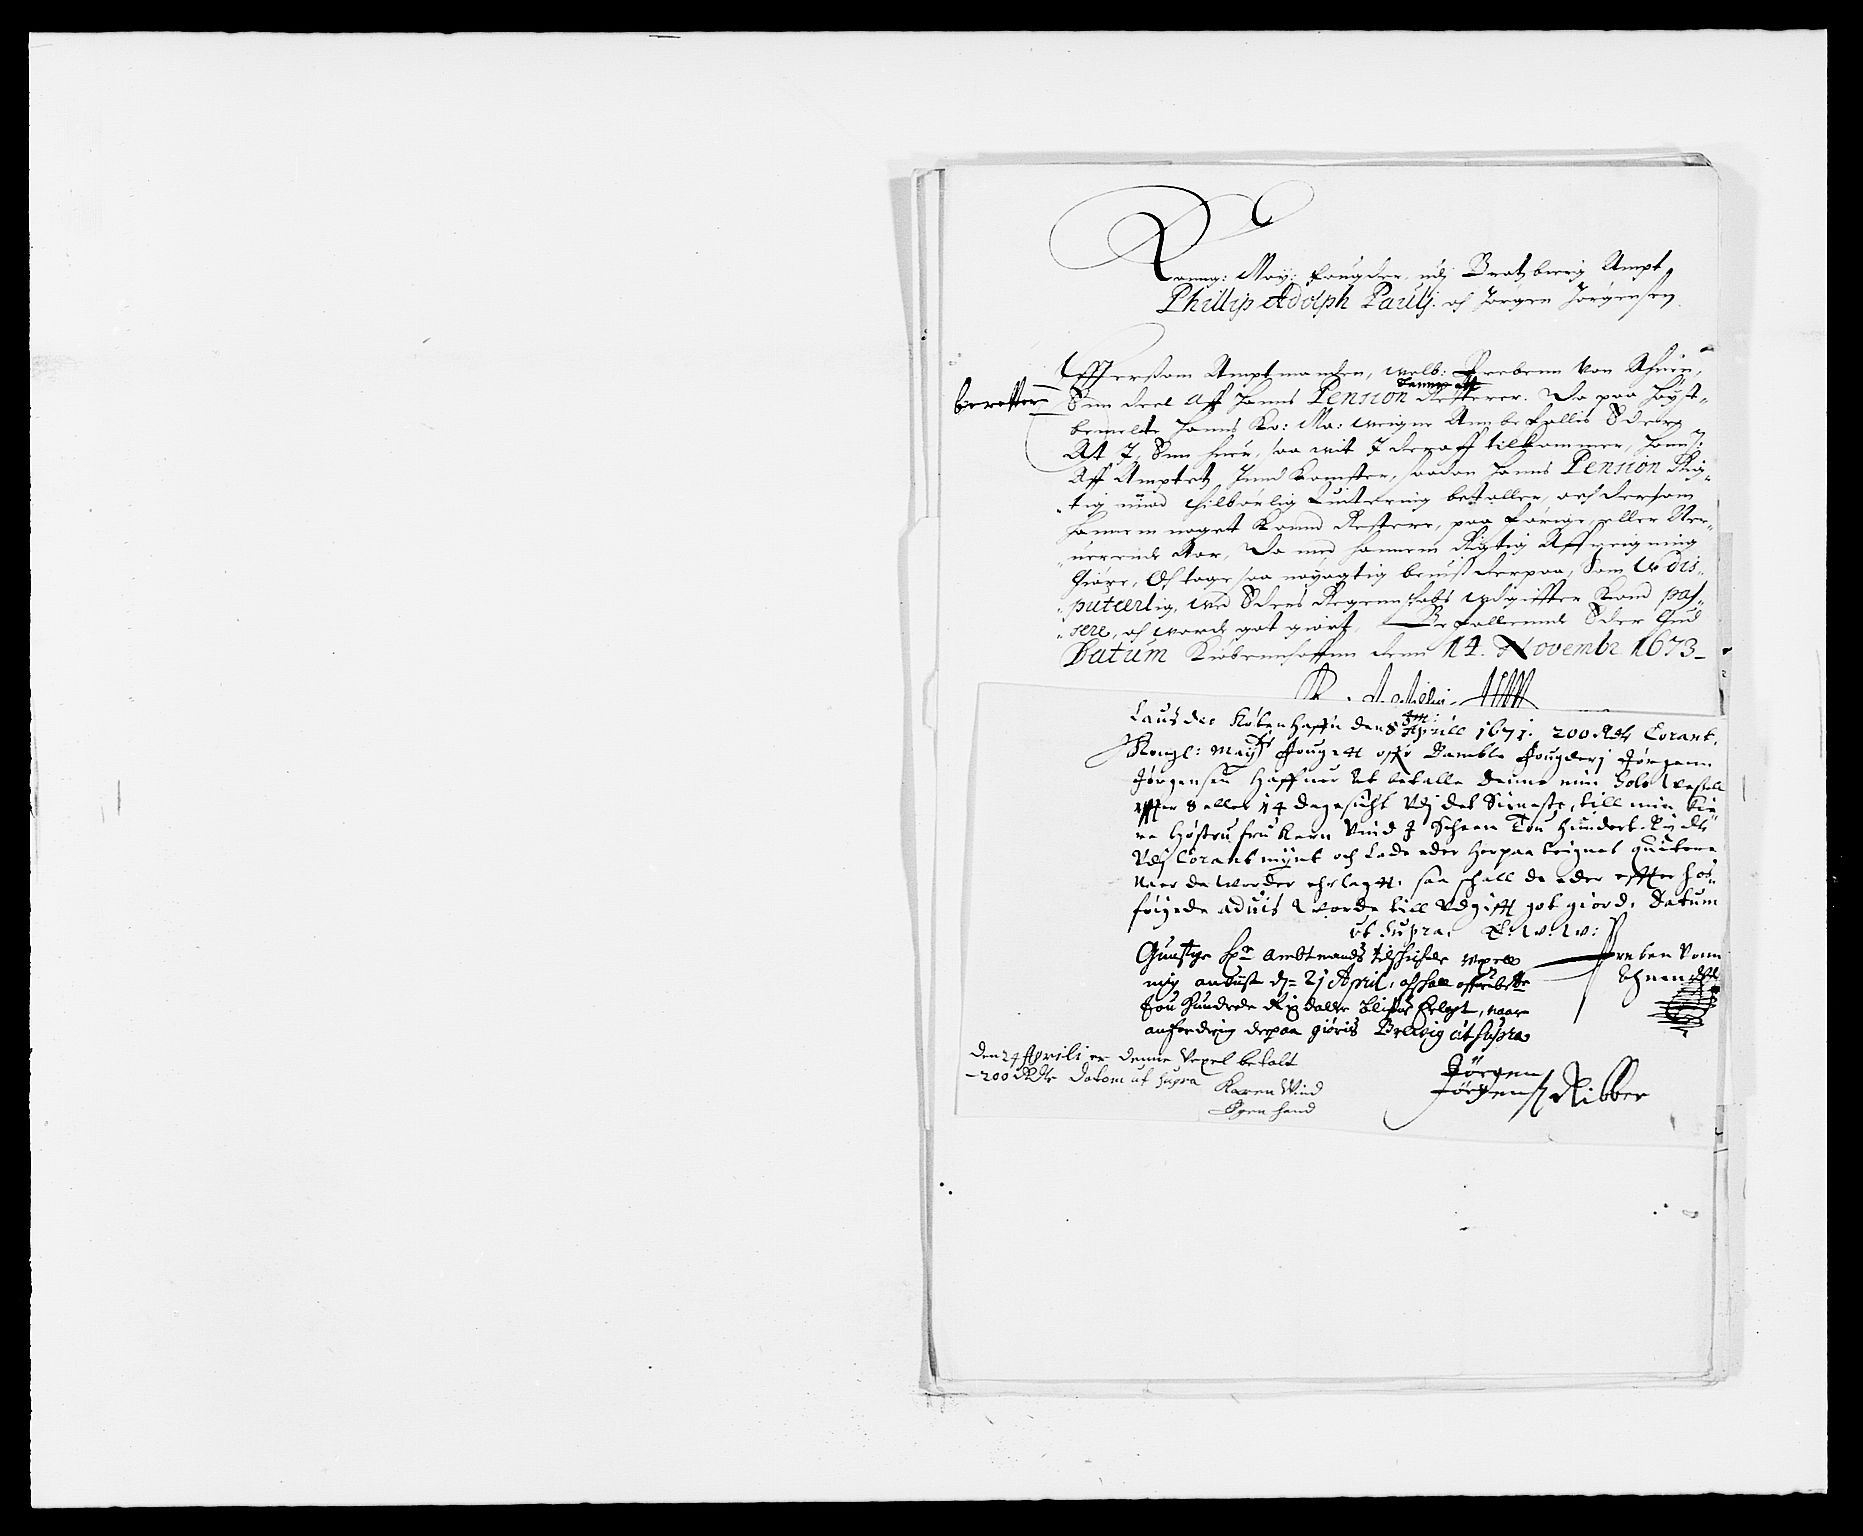 RA, Rentekammeret inntil 1814, Reviderte regnskaper, Fogderegnskap, R34/L2042: Fogderegnskap Bamble, 1673-1675, s. 432